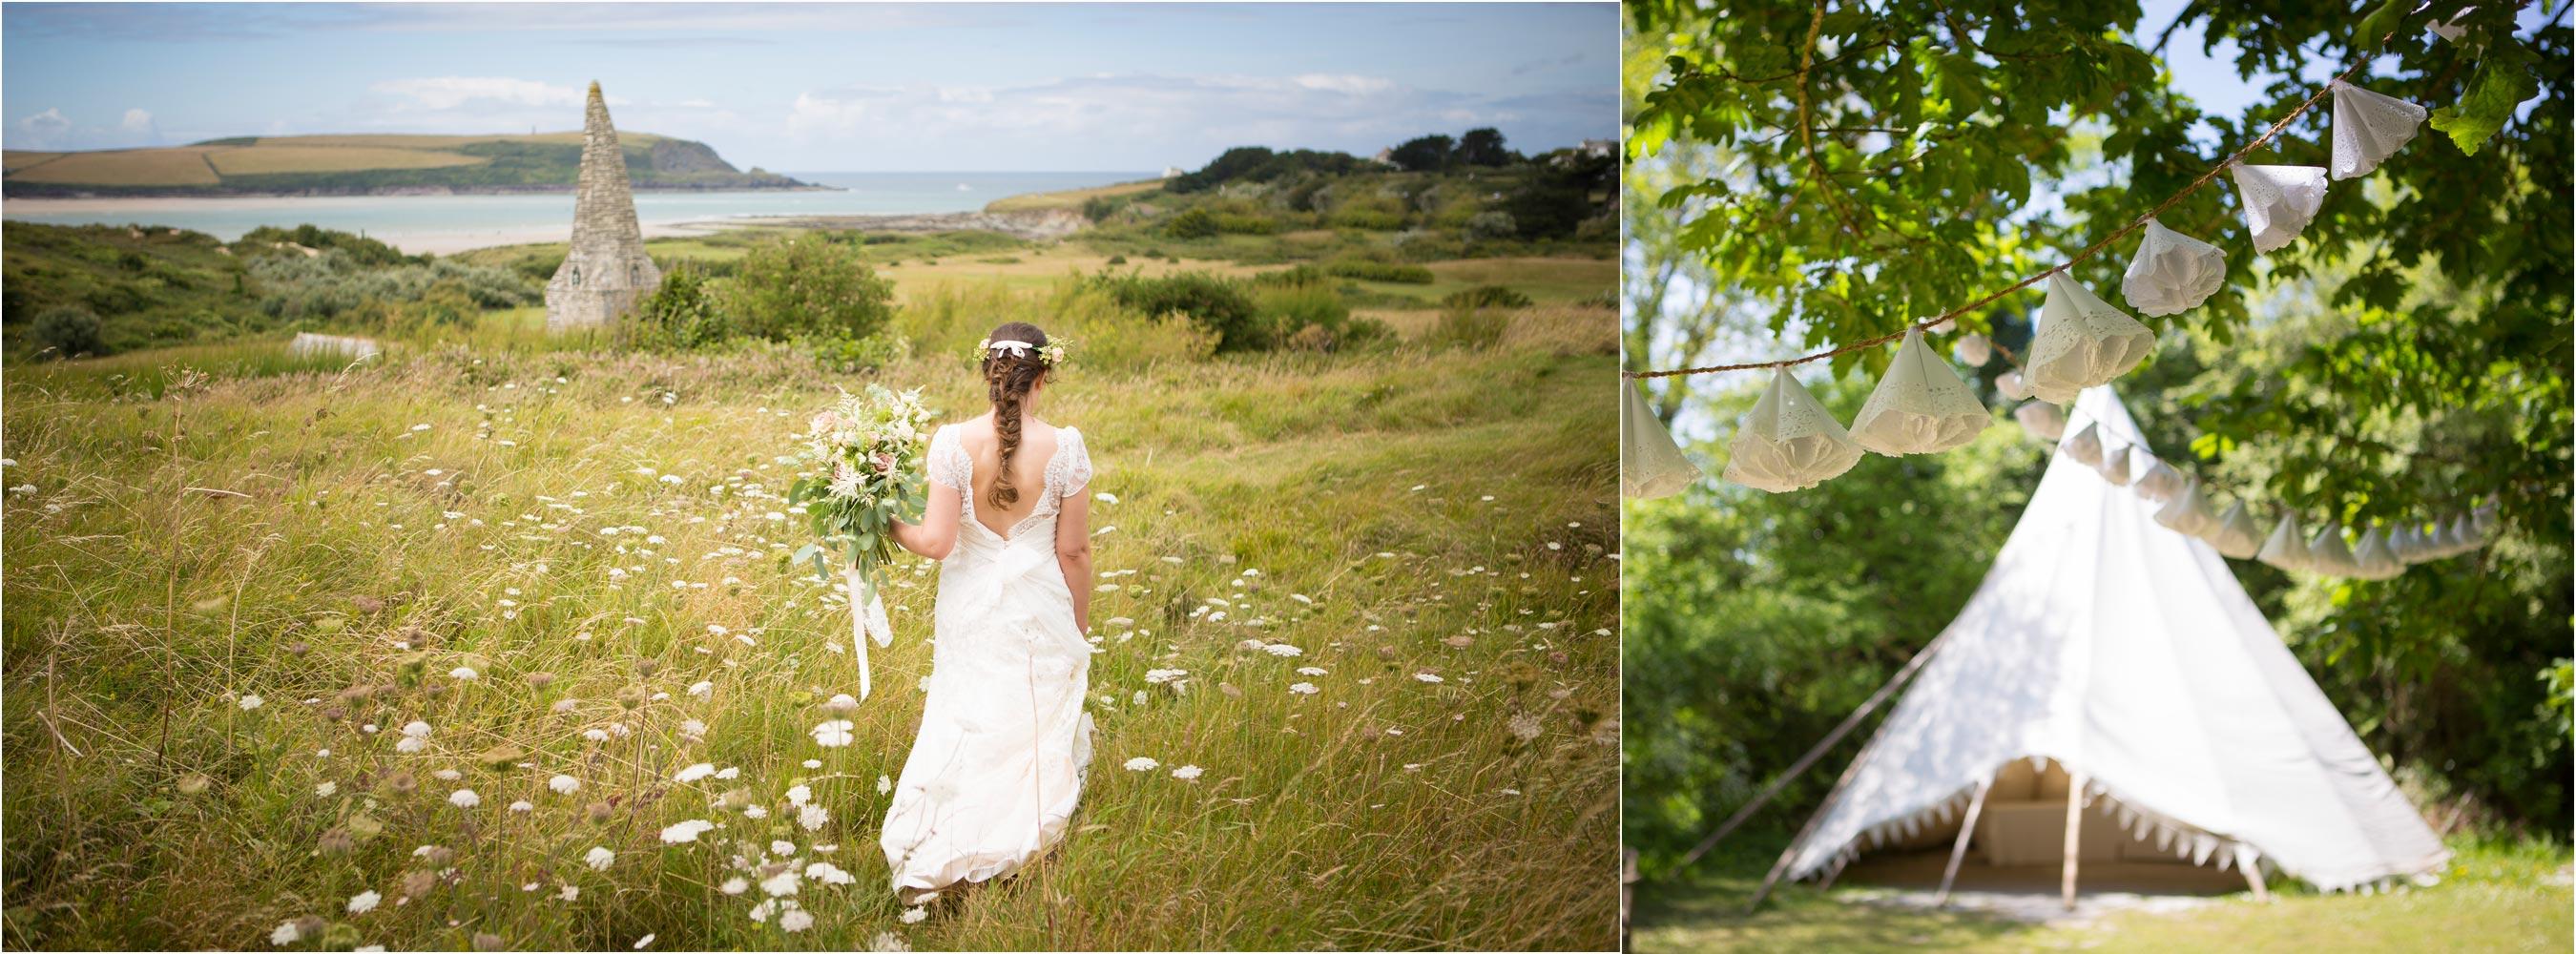 Daymer Bay Bride Woodland tipi